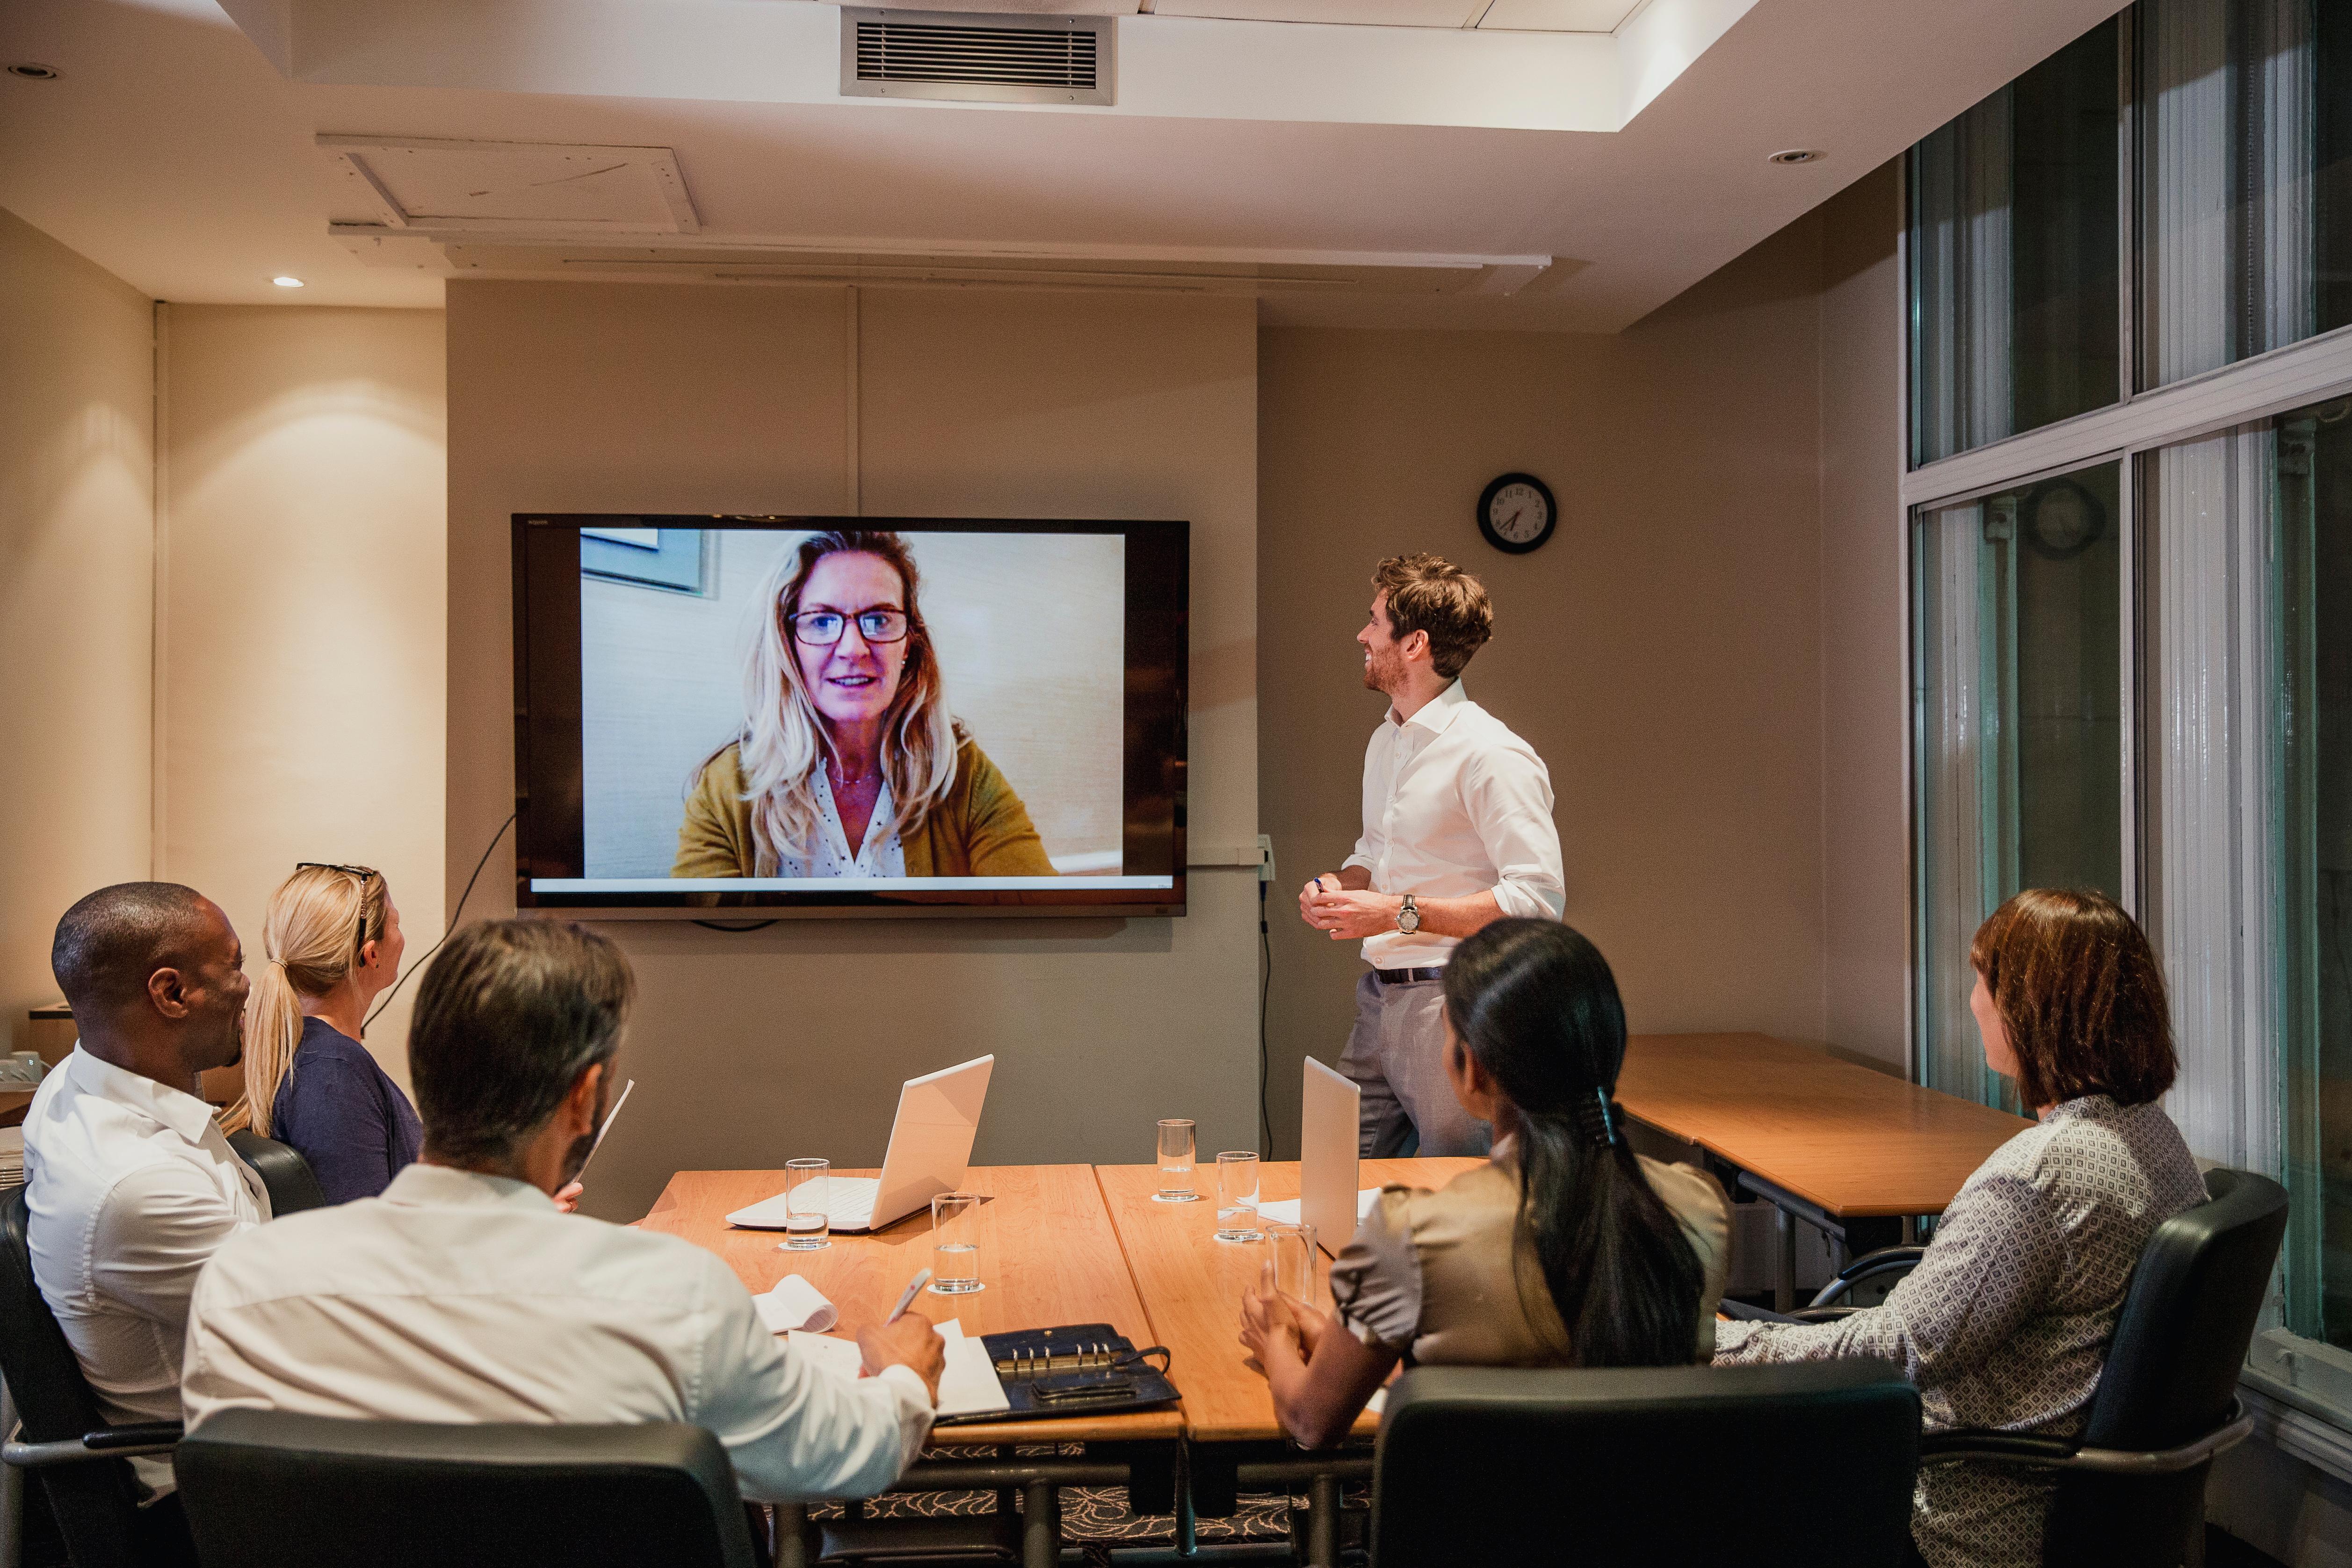 Üzleti tárgyalástechnika online és offline